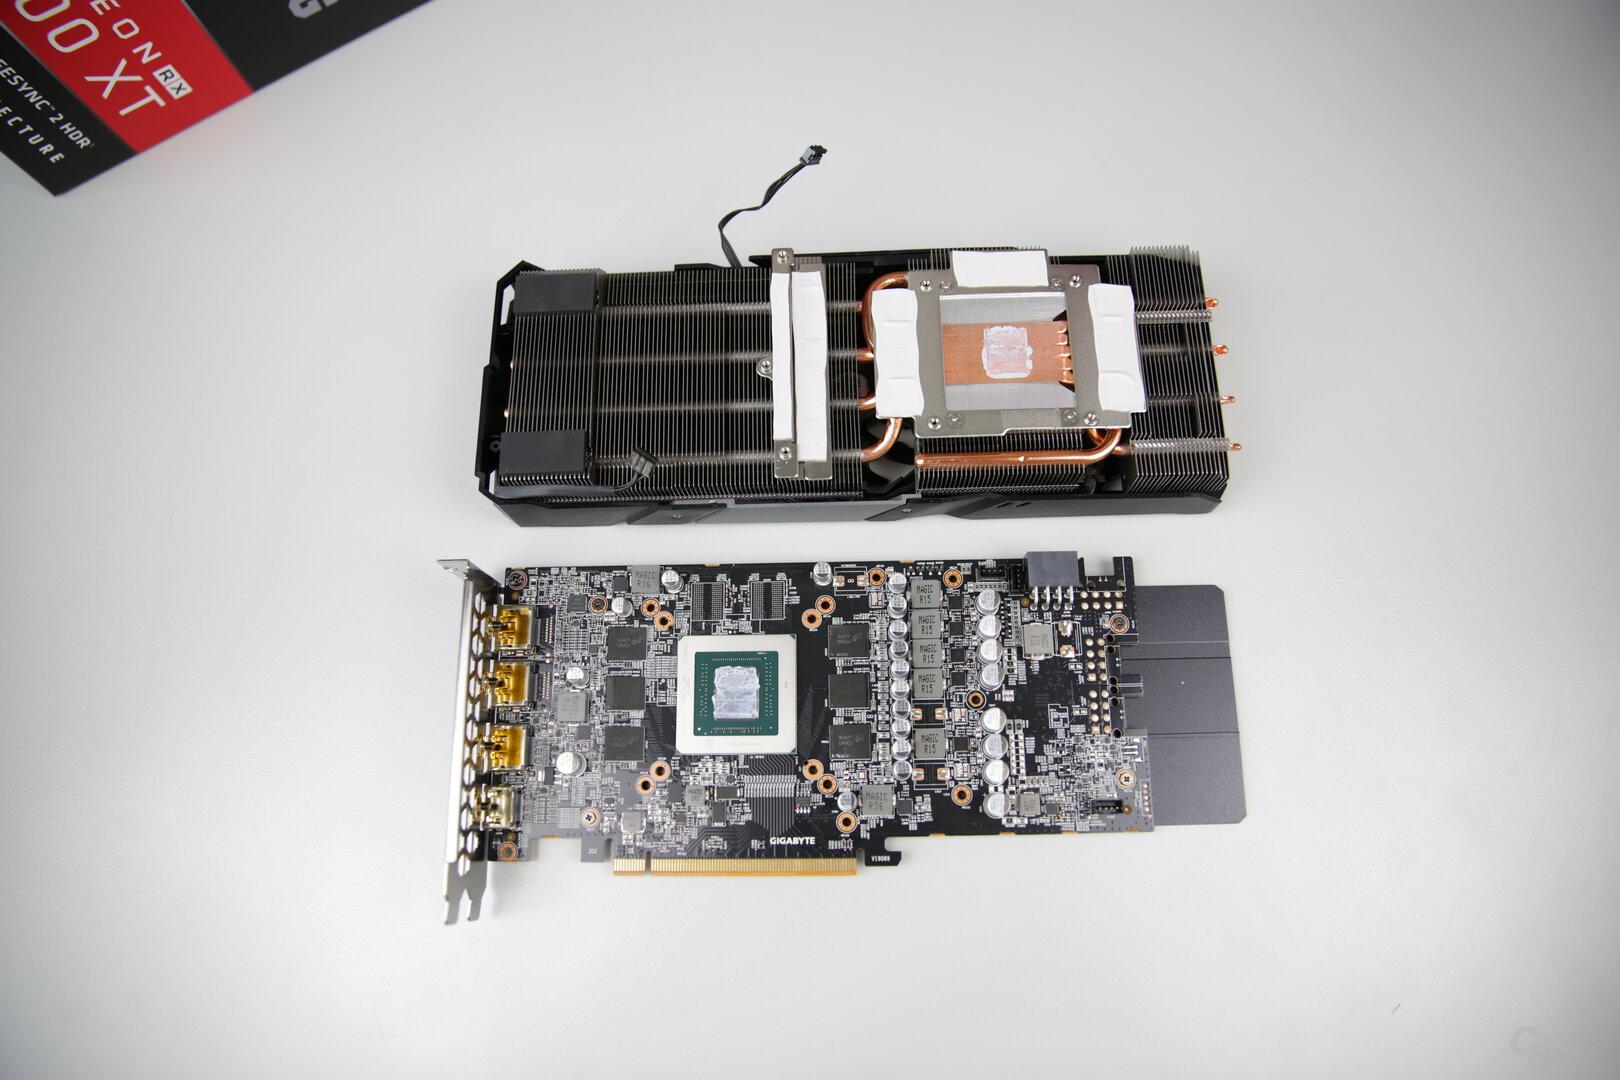 PCB und Kühler der Gigabyte Radeon RX 5600 XT Gaming OC